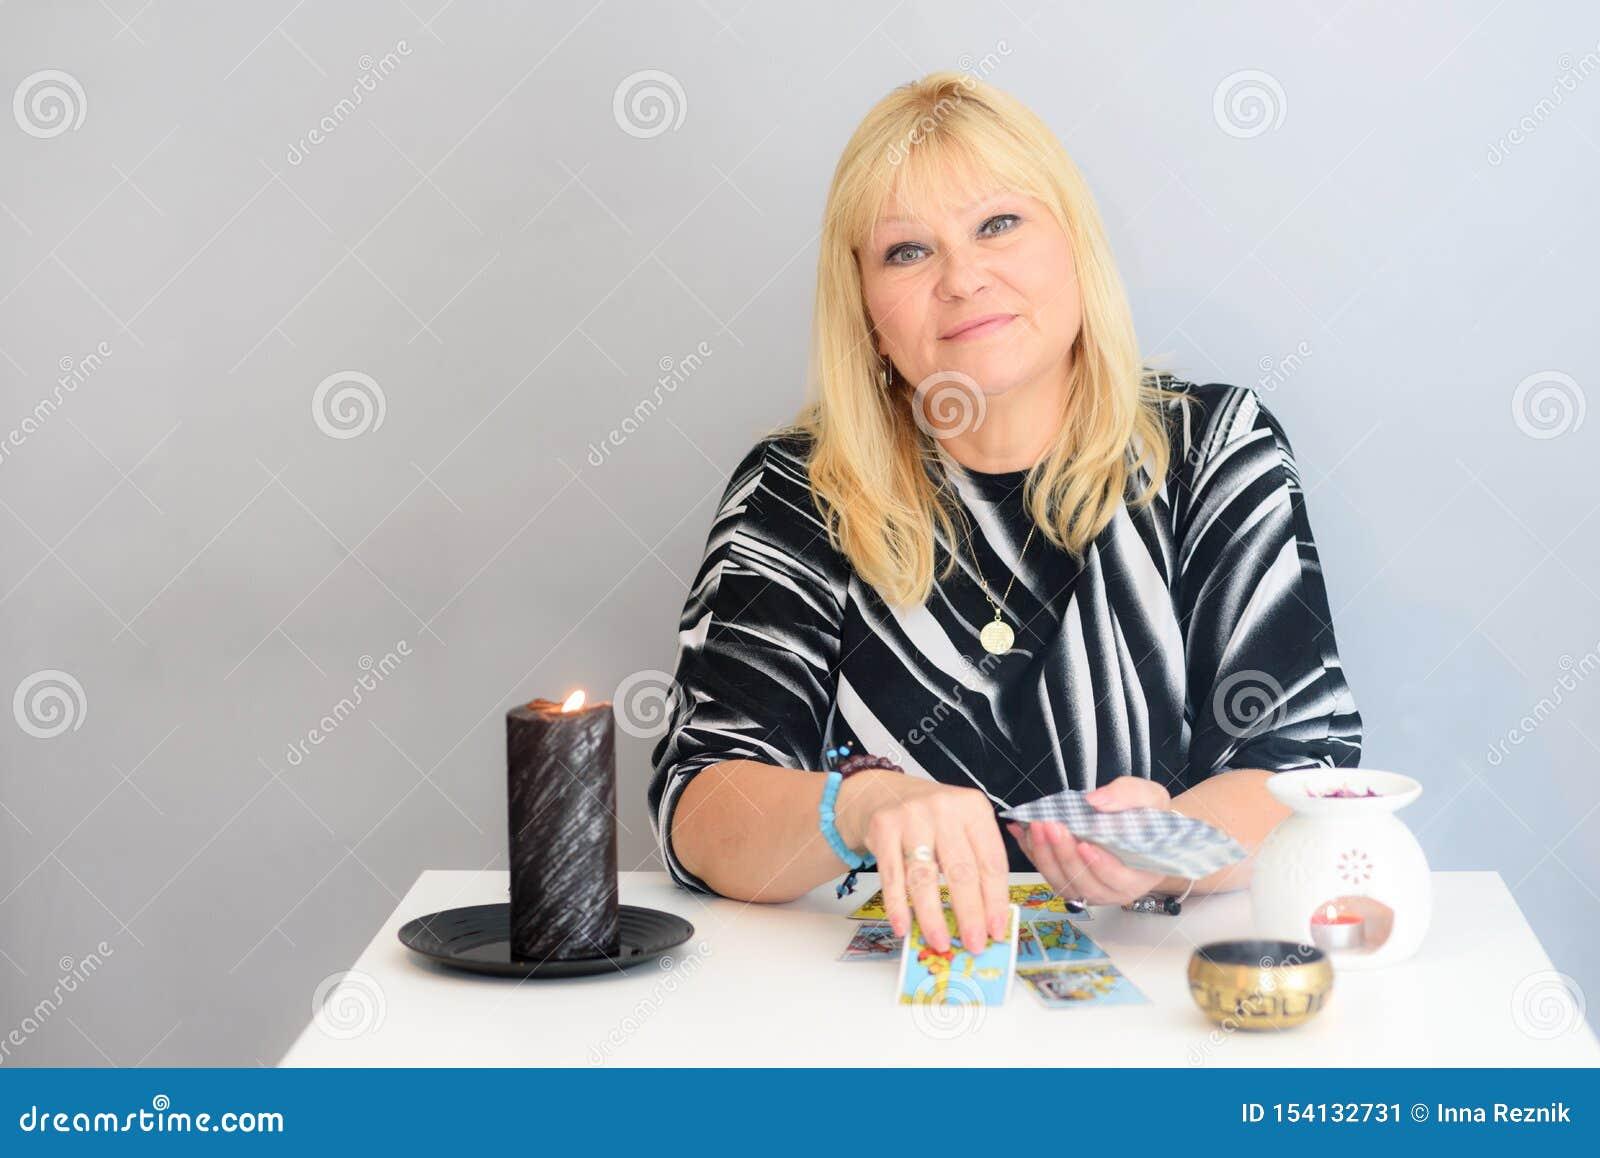 Porträt der schönen Mittelalterfrau sitzt nahe einem Wahrsagerschreibtisch mit Karten und Kerzen eines Tarocks